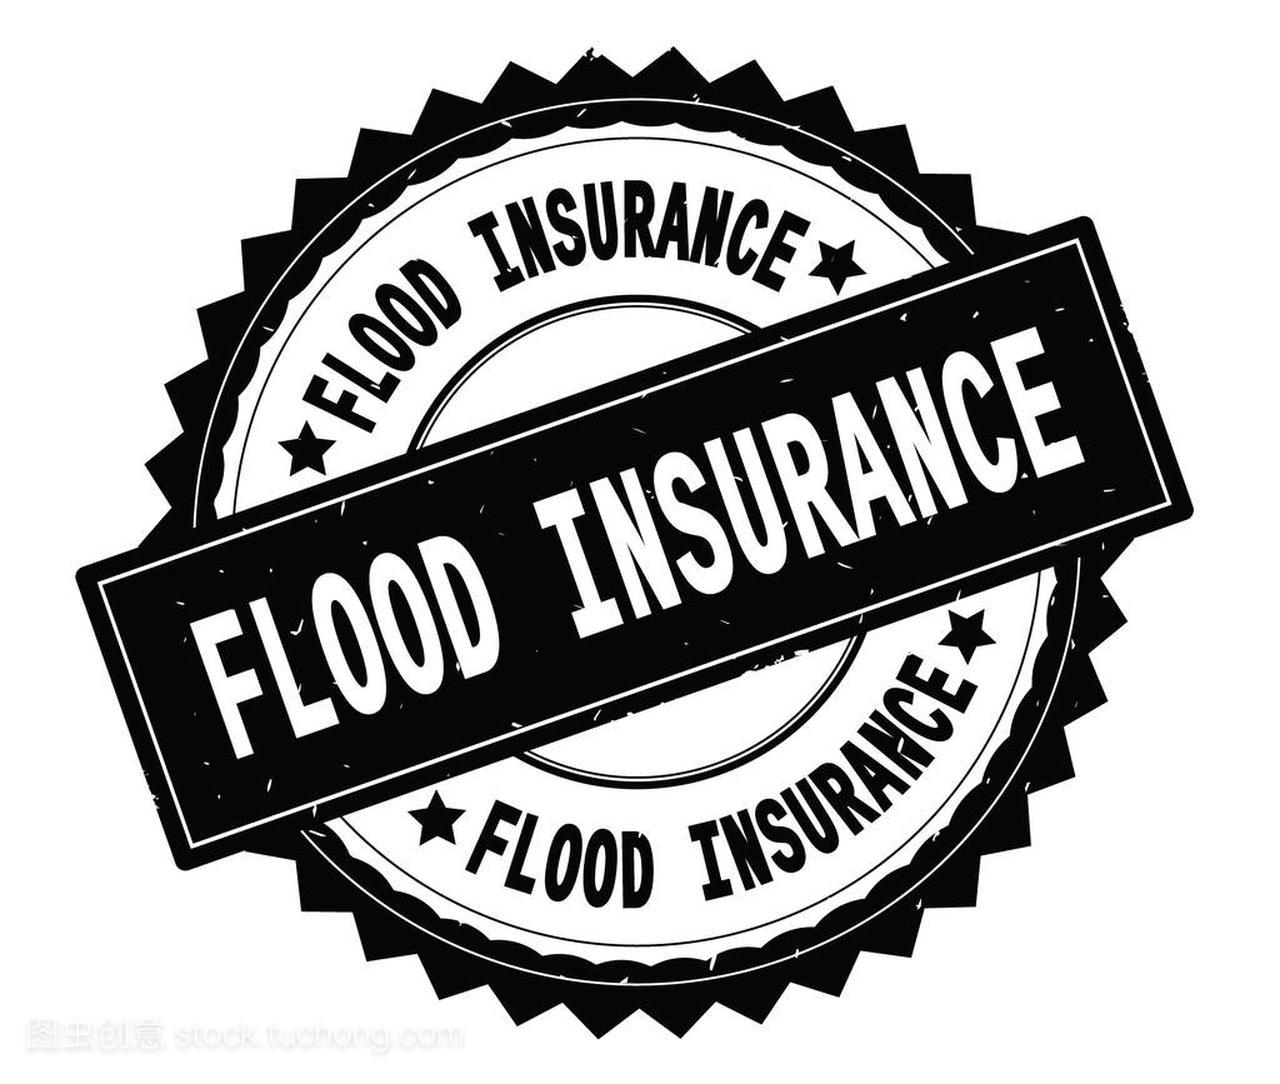 洪水保险黑文本圆邮票, 与字形边界